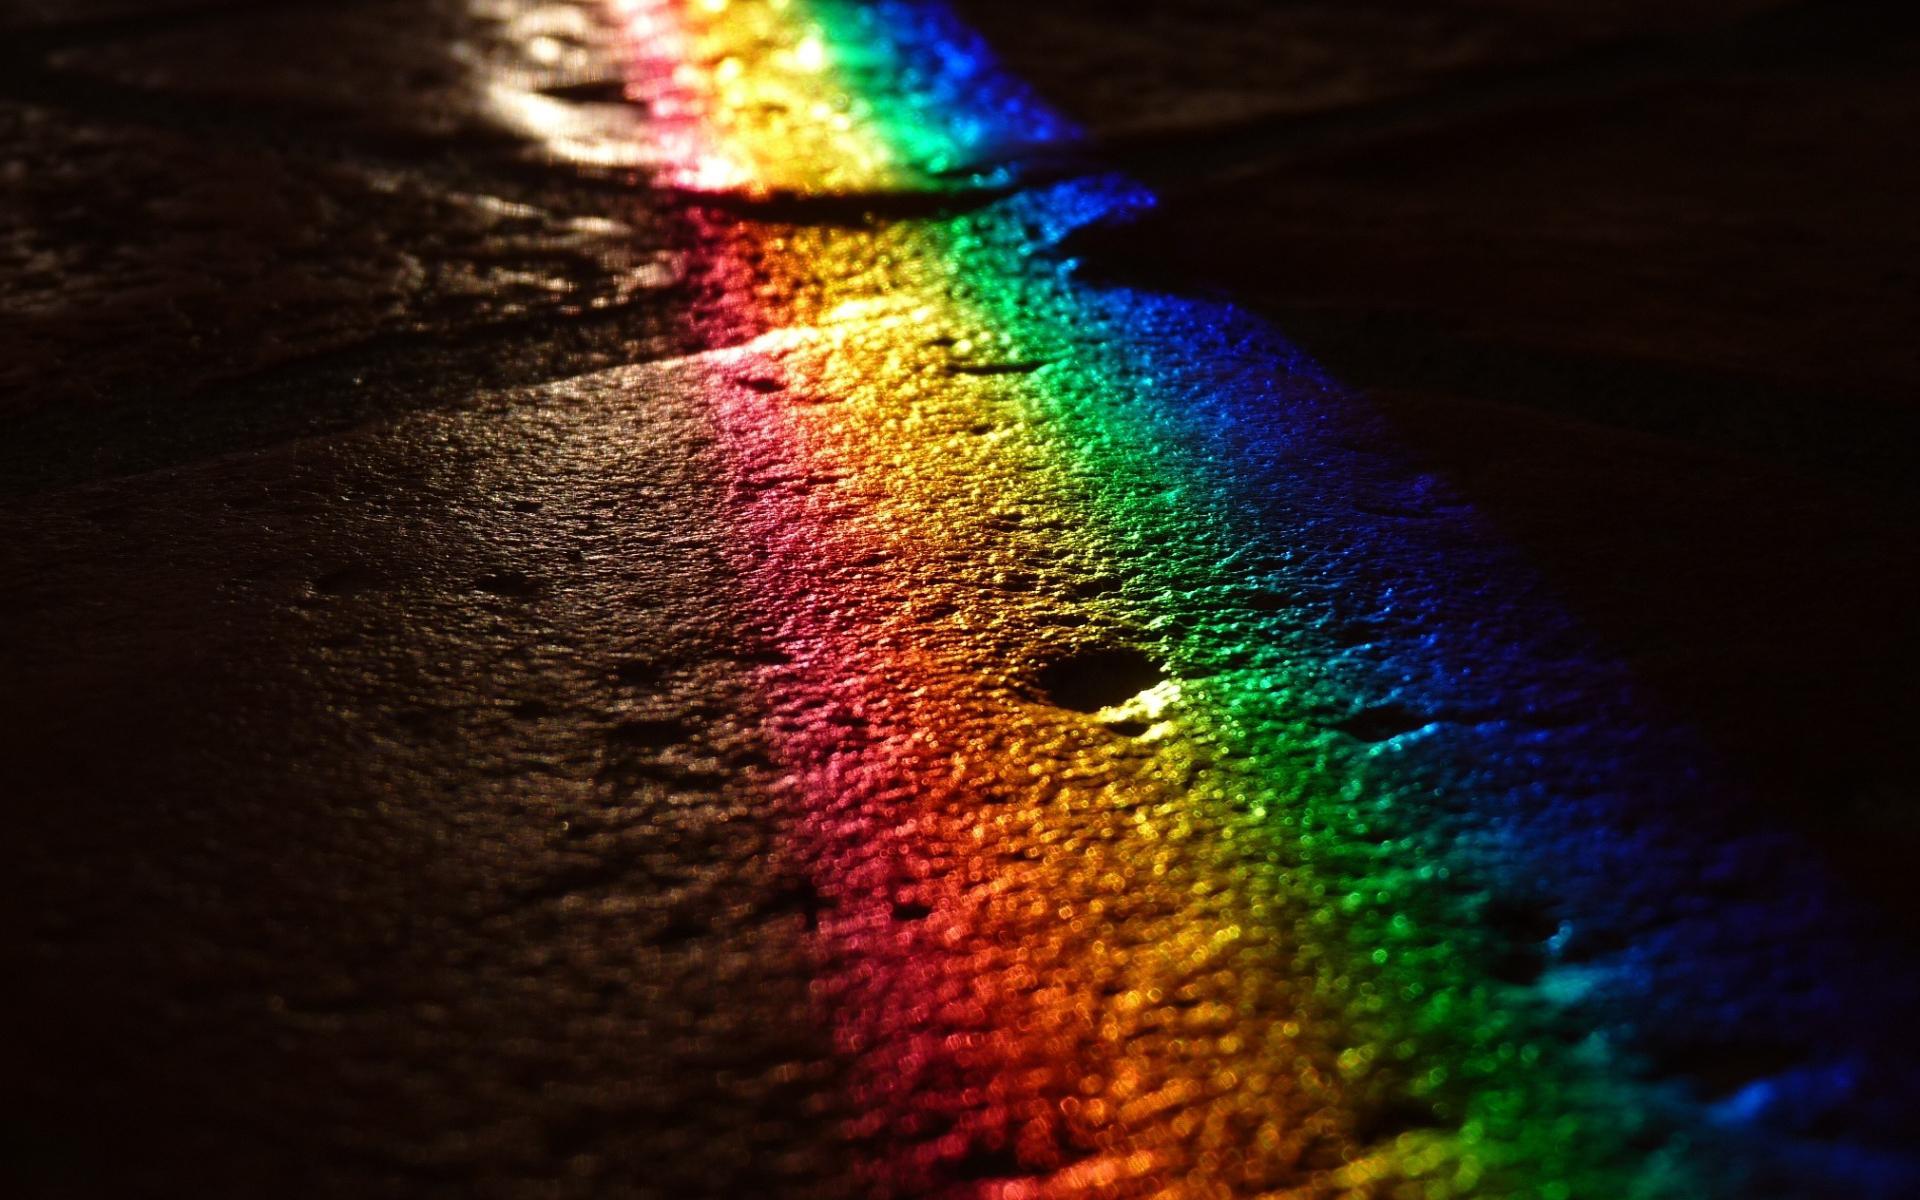 бетон, свет. радуга, скачать фото, обои на рабочий стол